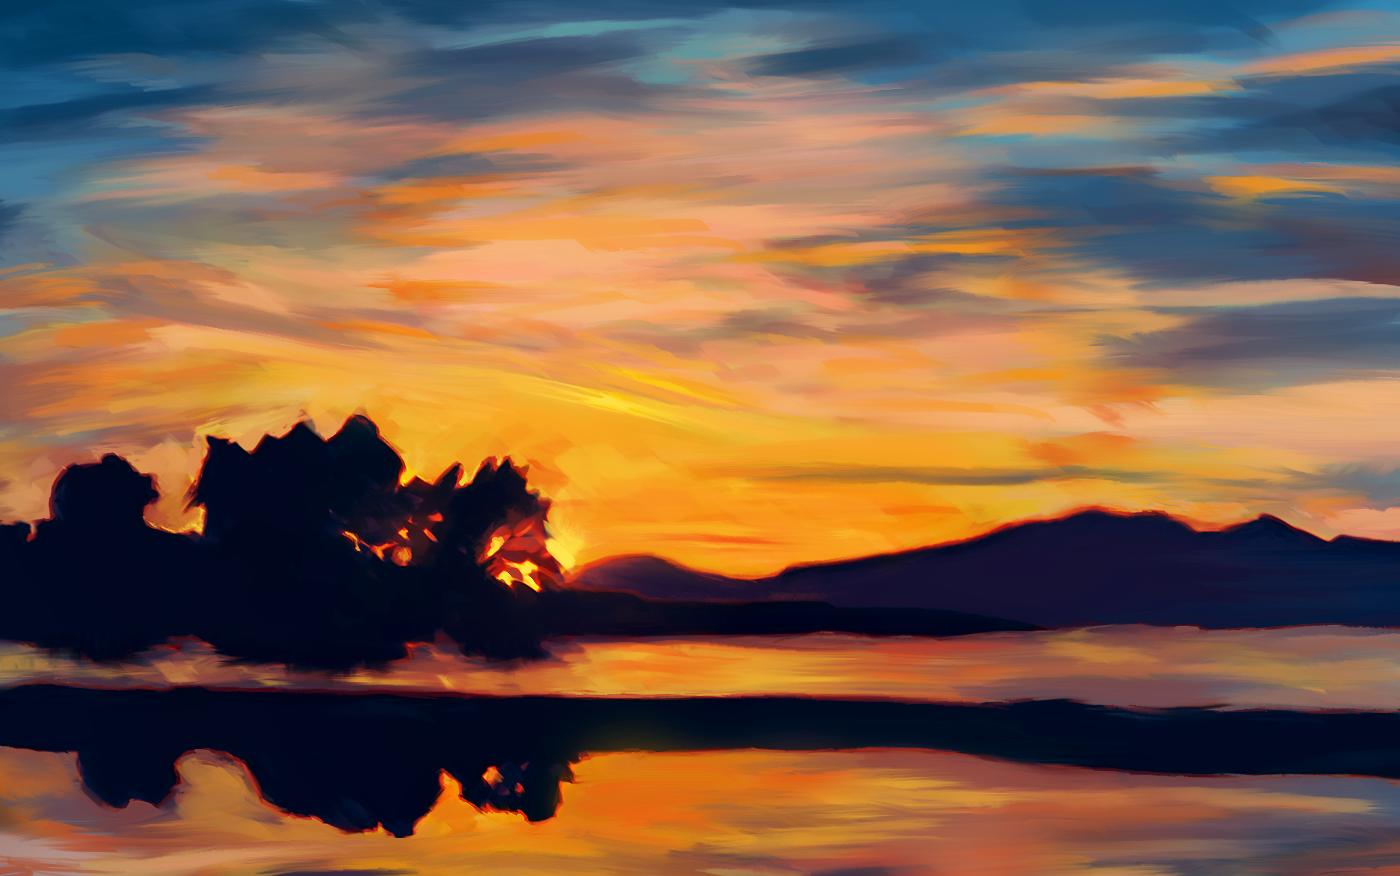 Magenta Sunset by EliteJohan